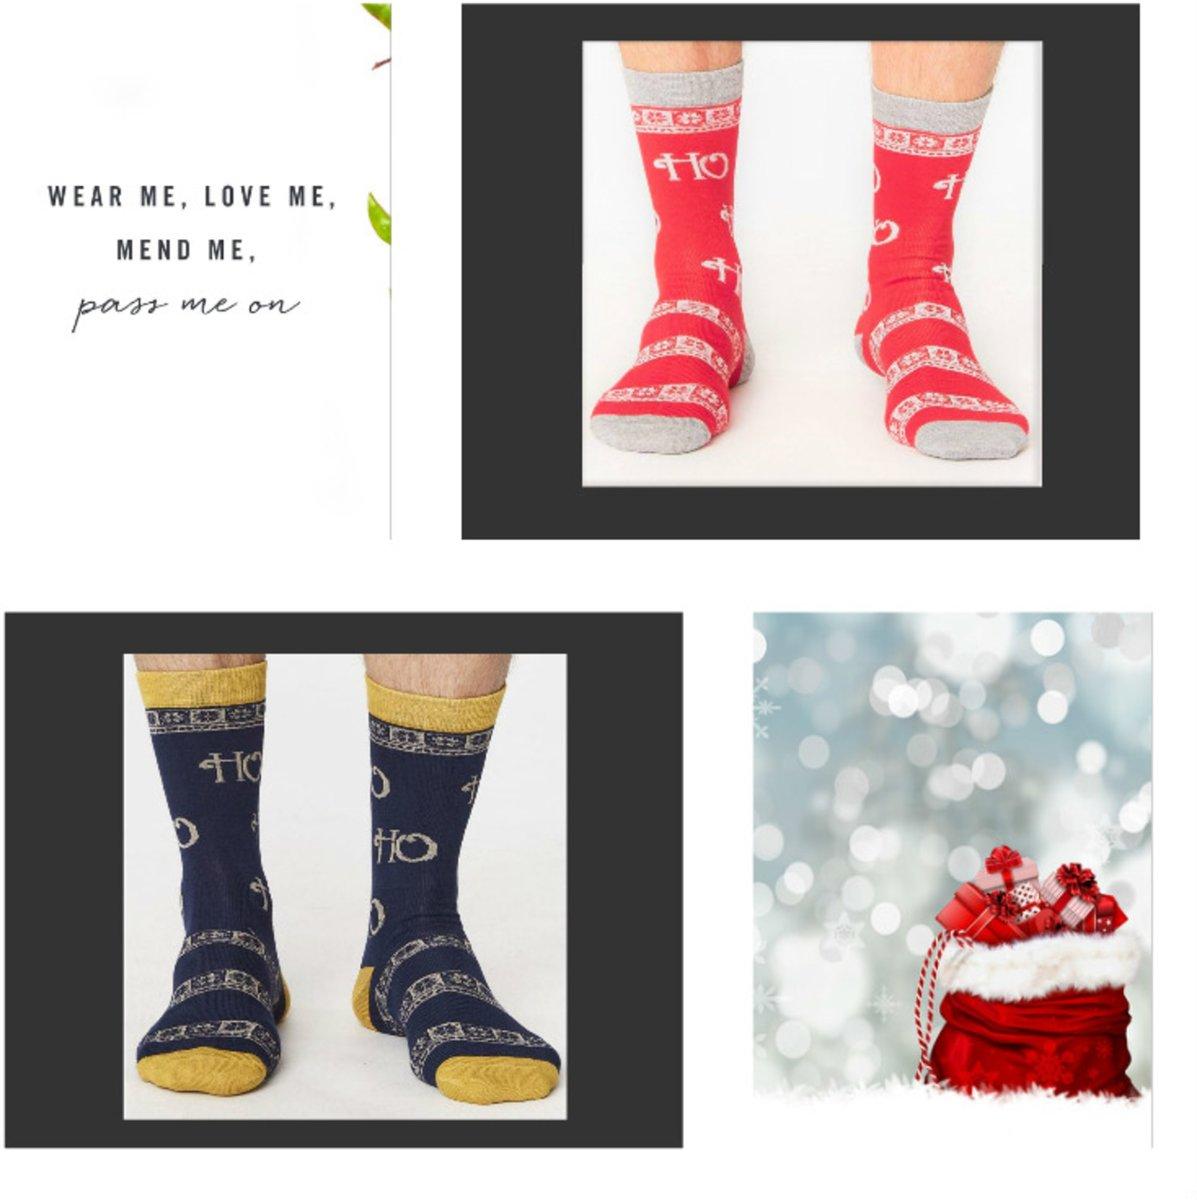 Kerstsok -Bamboe heren kerst sokken - Ho ho ho - set van 2 paar -  maat 41/46